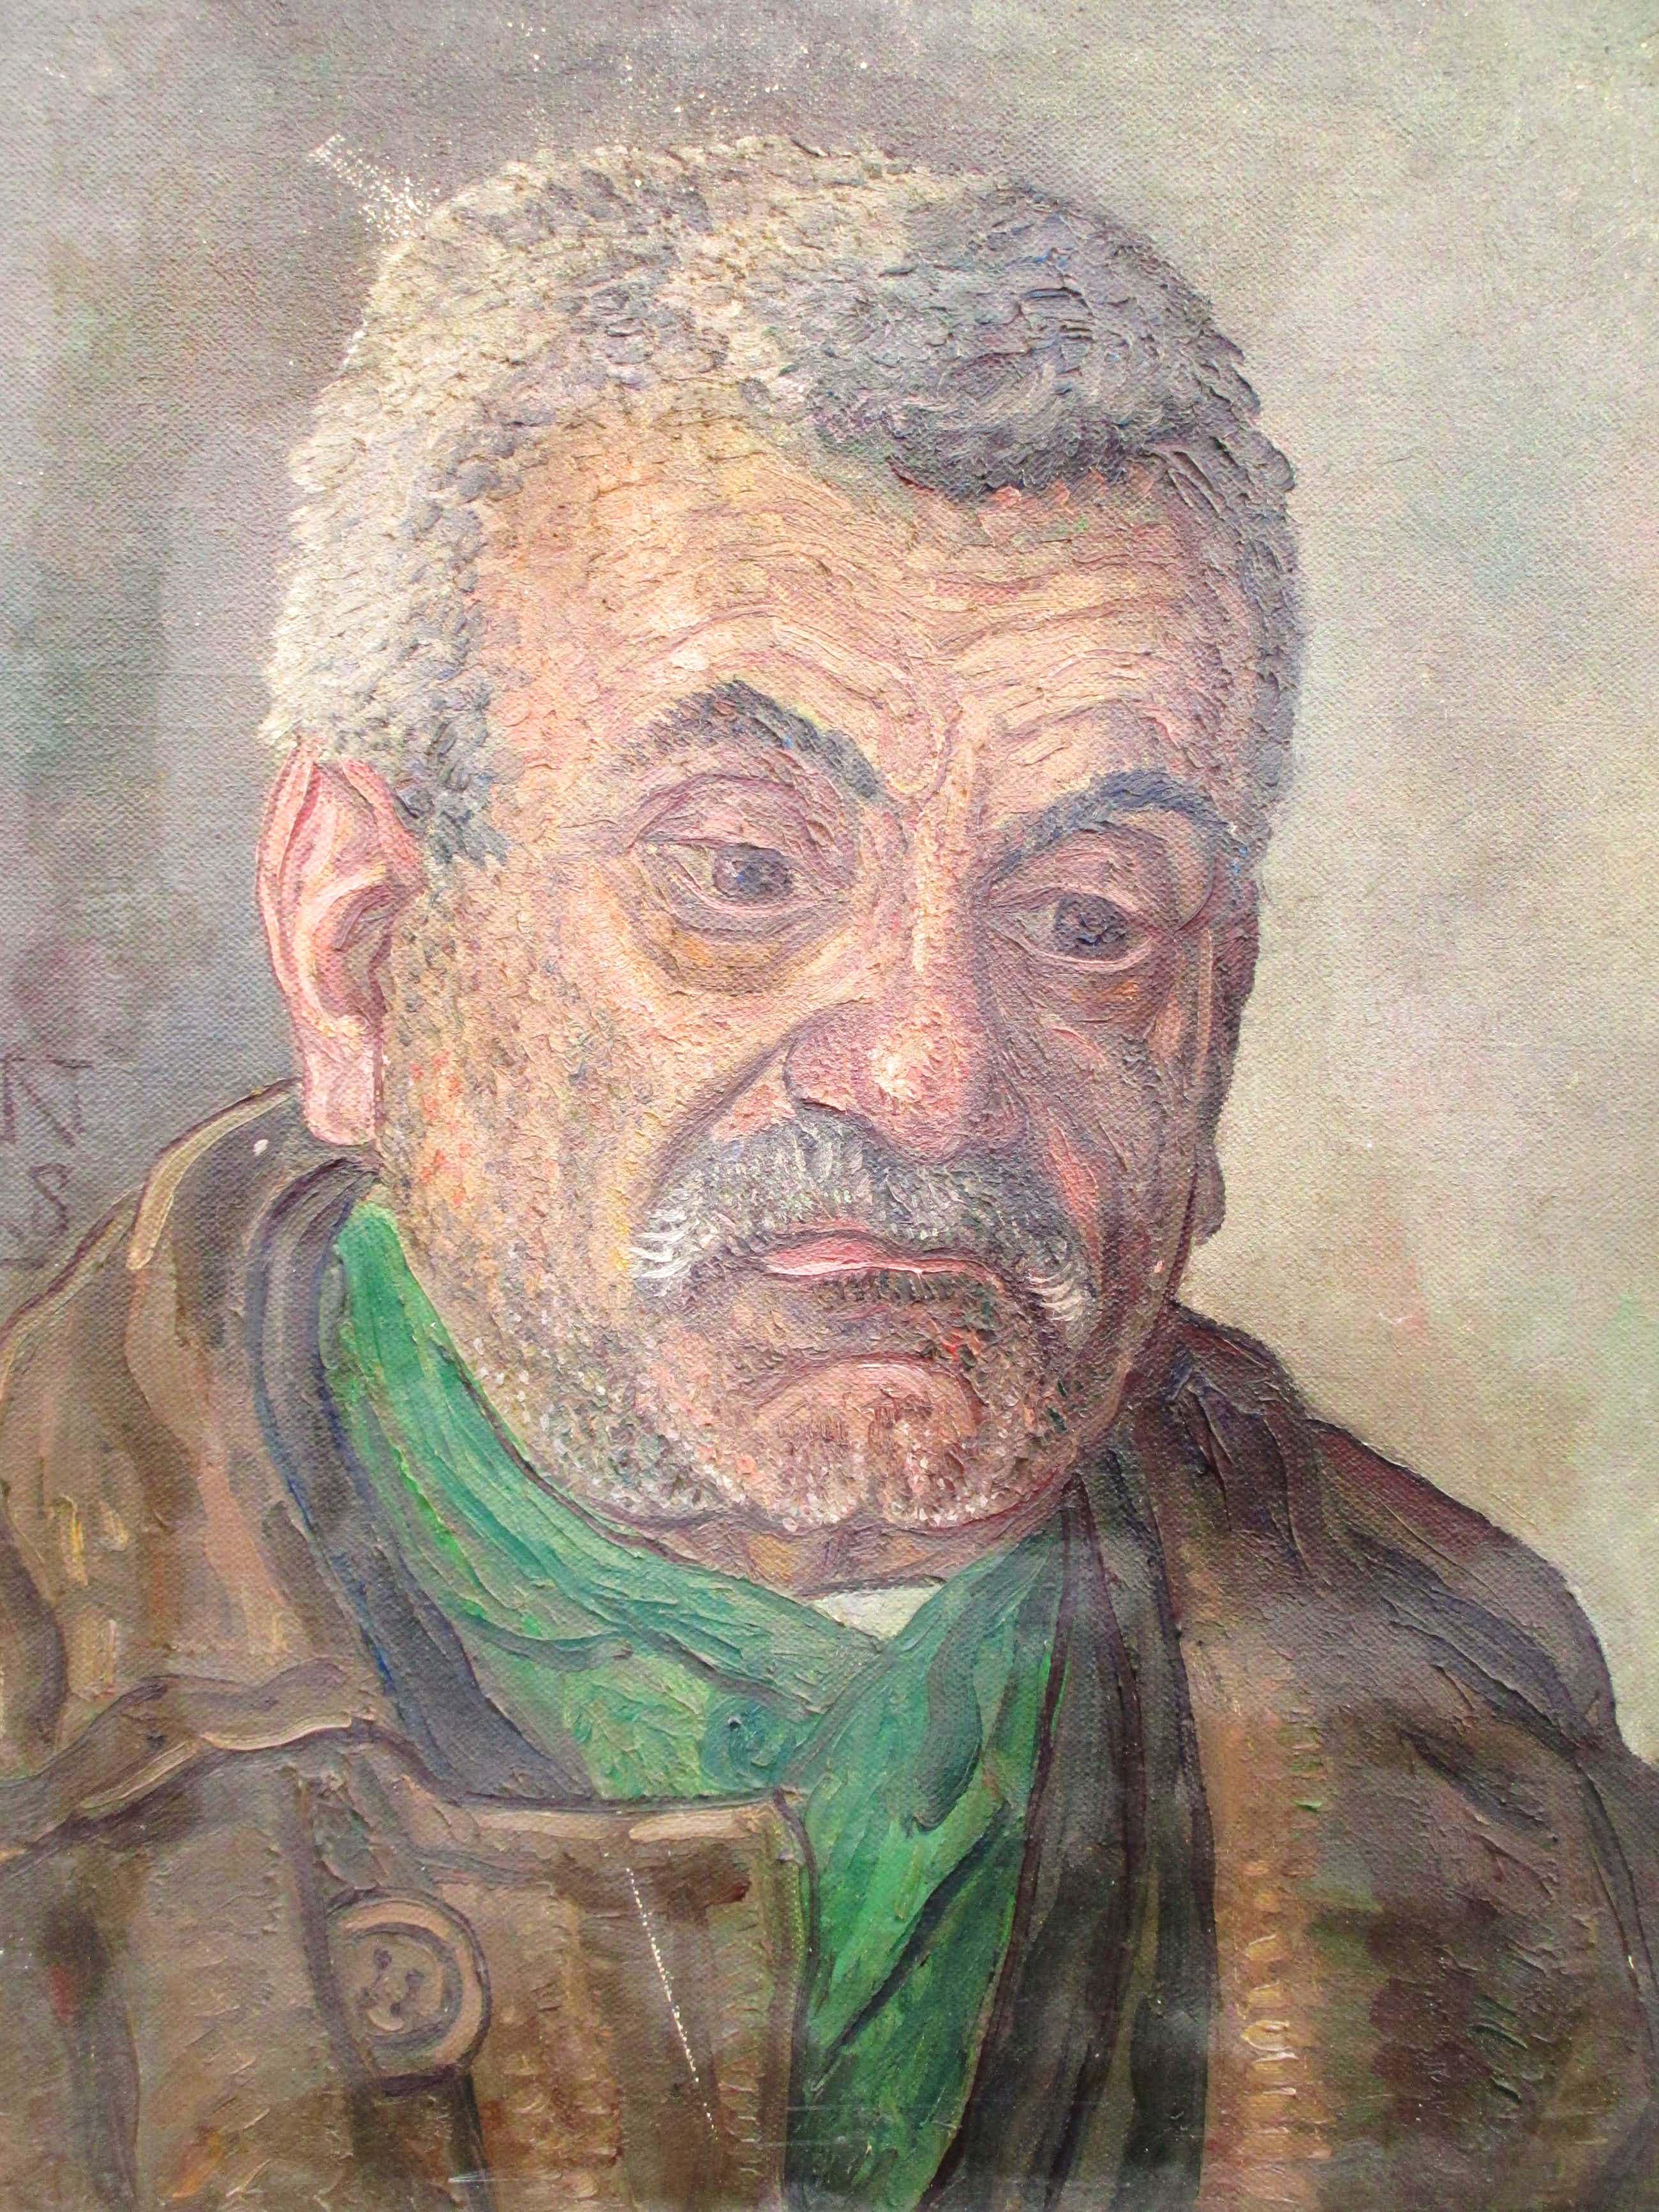 Jakob Nieweg - Portret man met baard en sjaal - Olieverf op doek 1928 kopen? Bied vanaf 250!